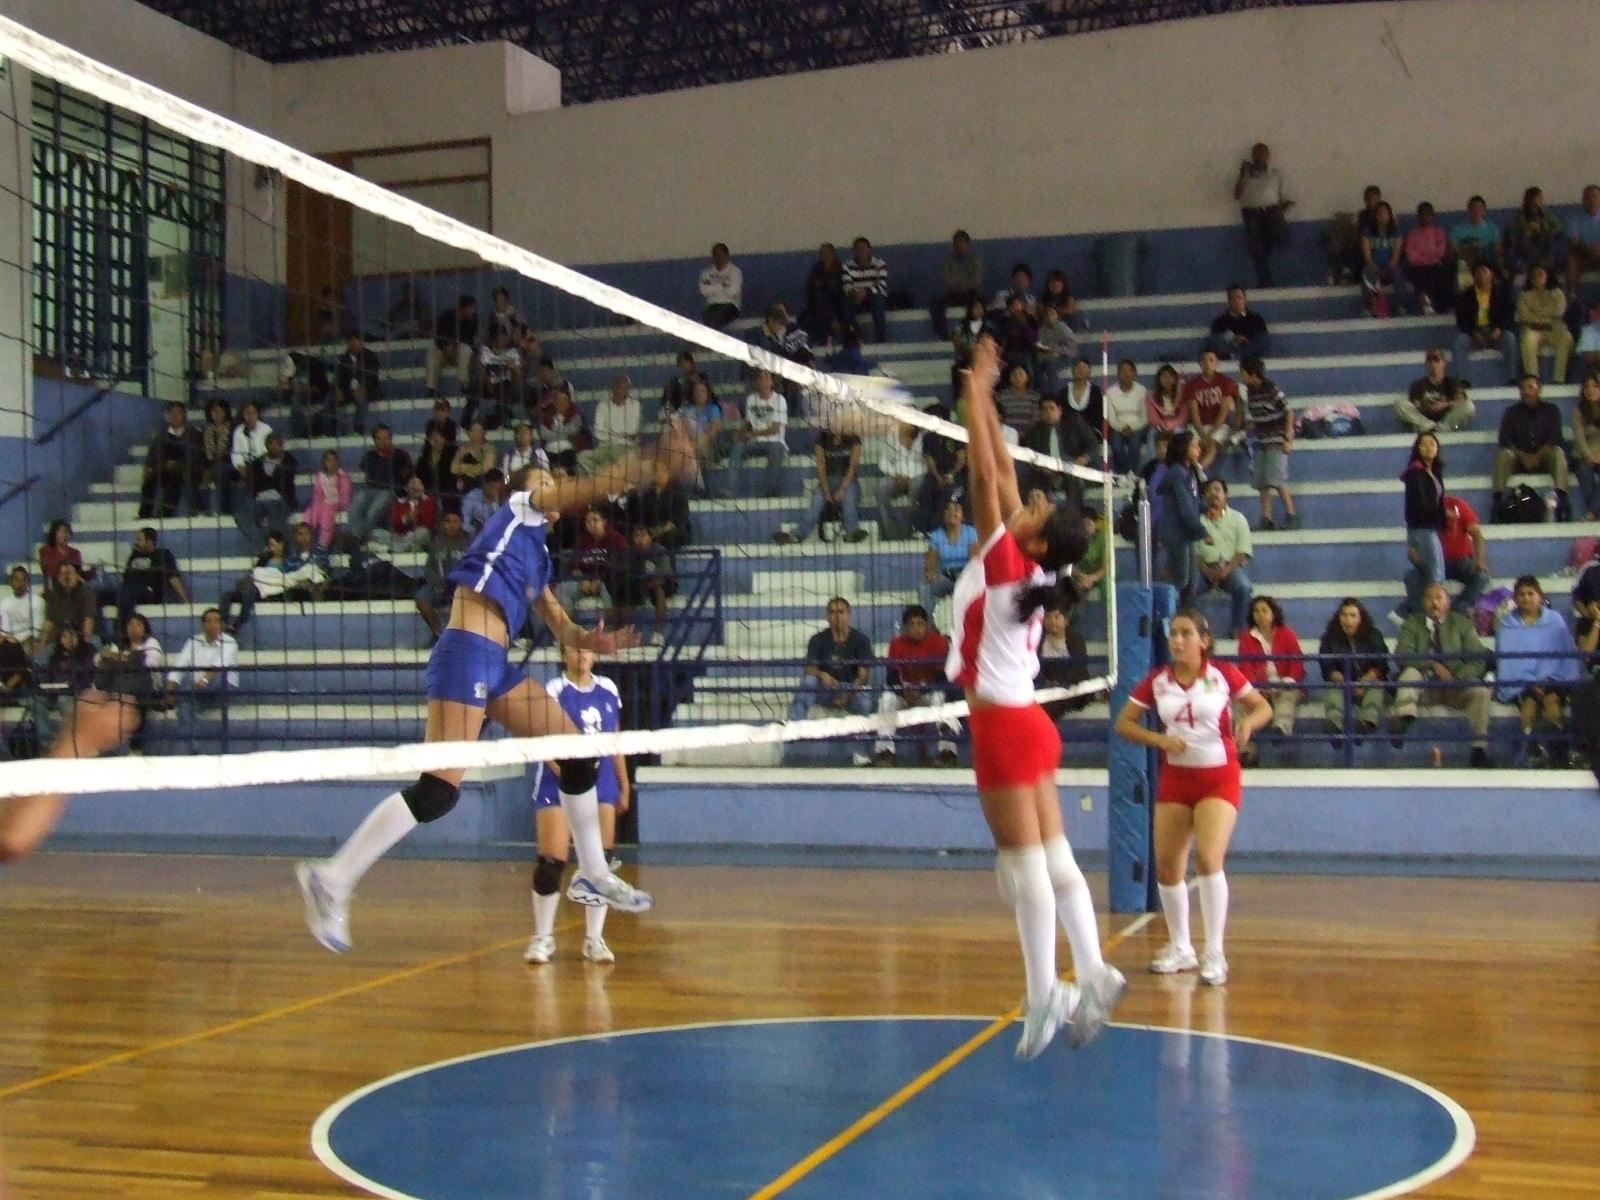 Cancha De Voleibol: Medidas, Posiciones, Partes, Y Más